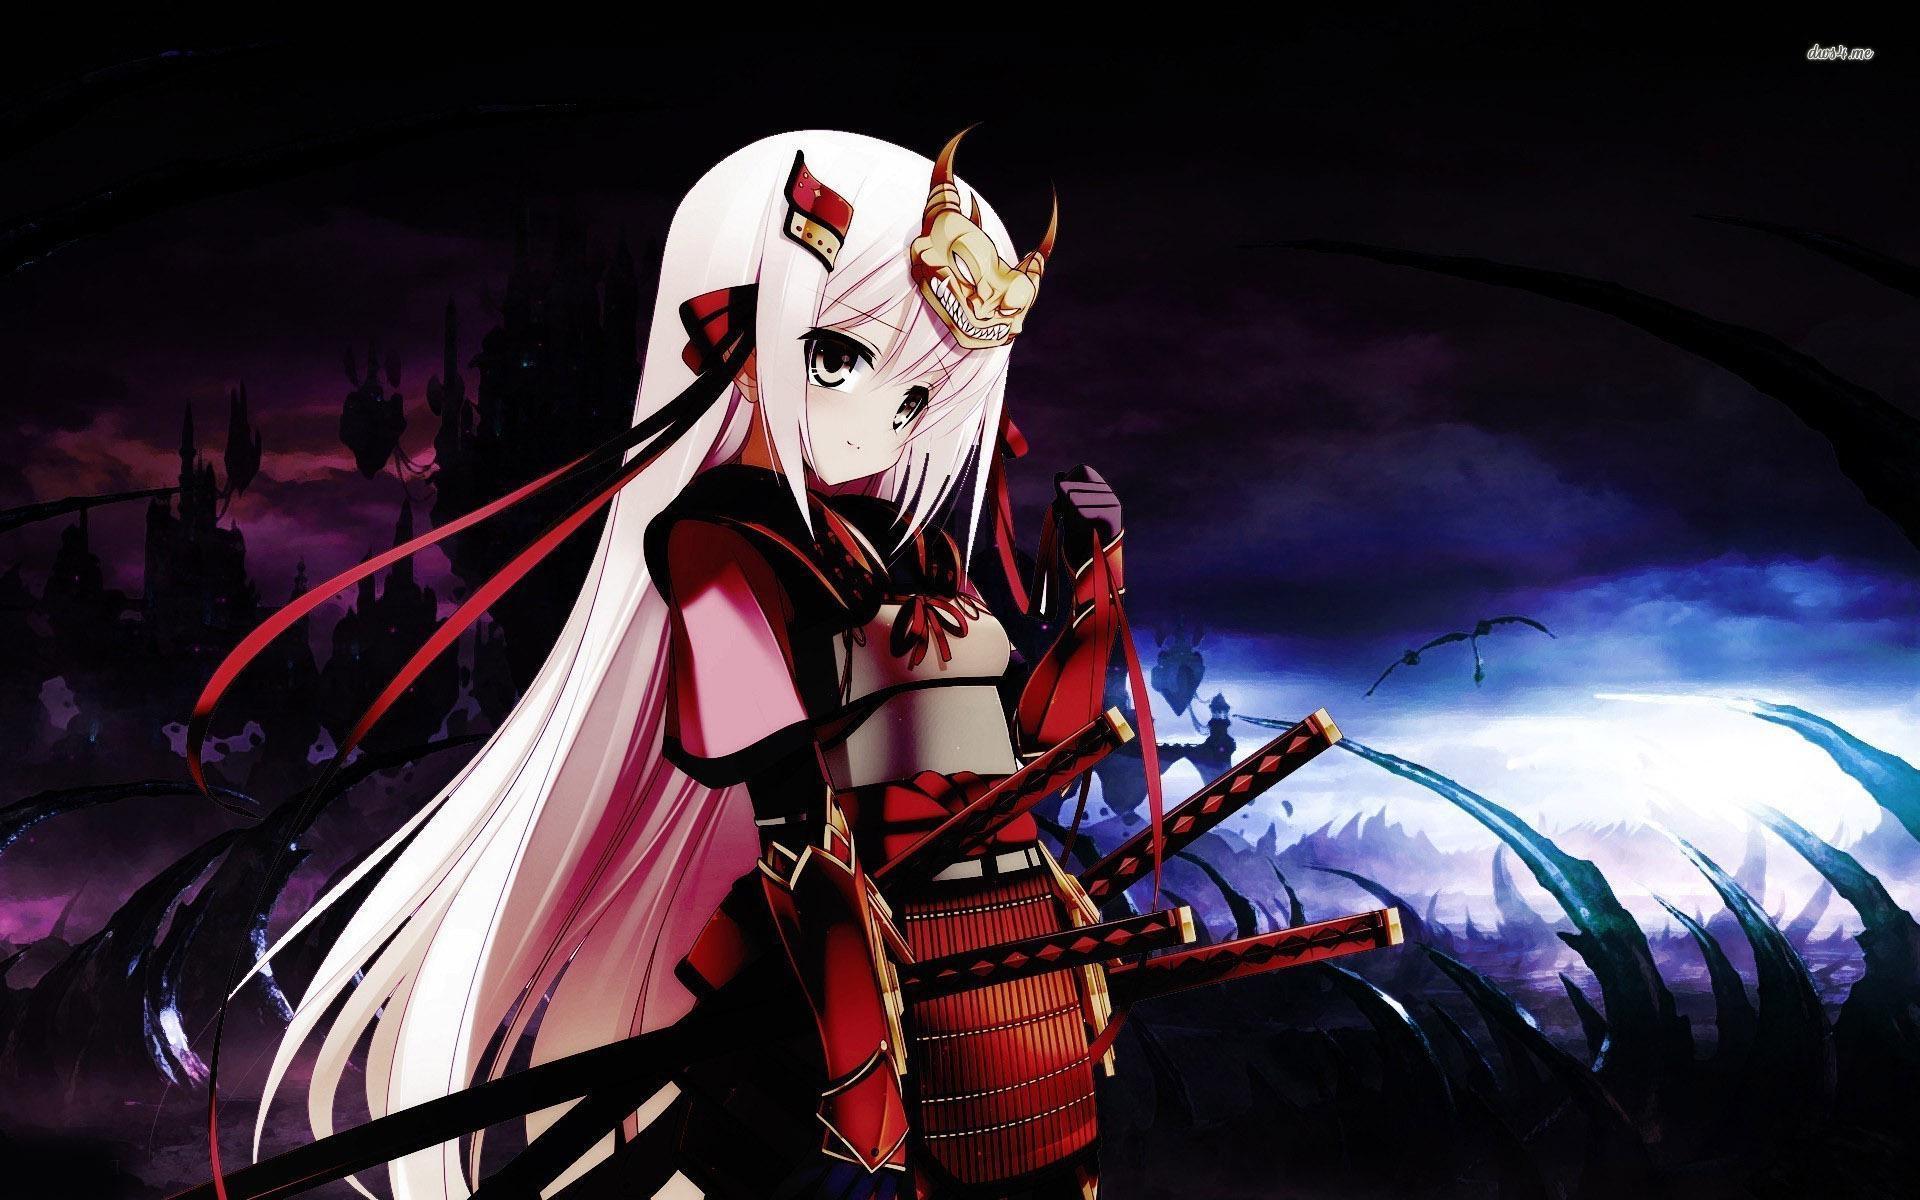 Anime Female Samurai Wallpapers Top Free Anime Female Samurai Backgrounds Wallpaperaccess